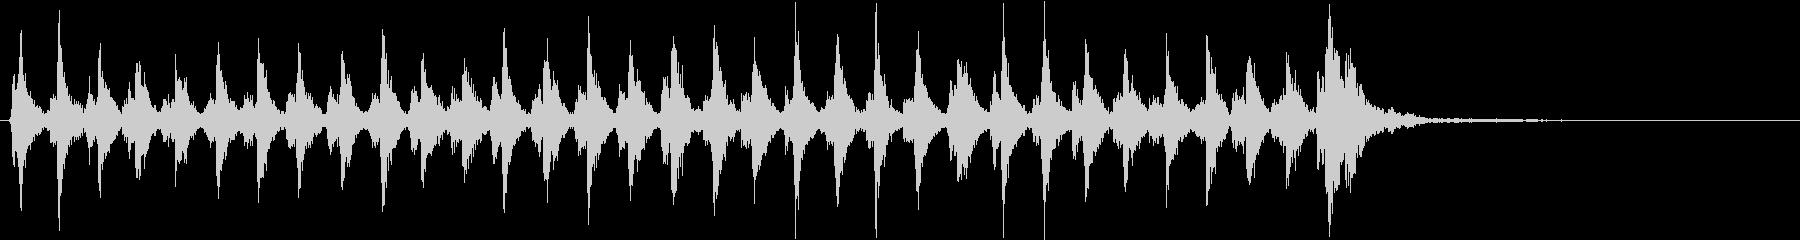 Xmasに最適トナカイベルのループ音01の未再生の波形